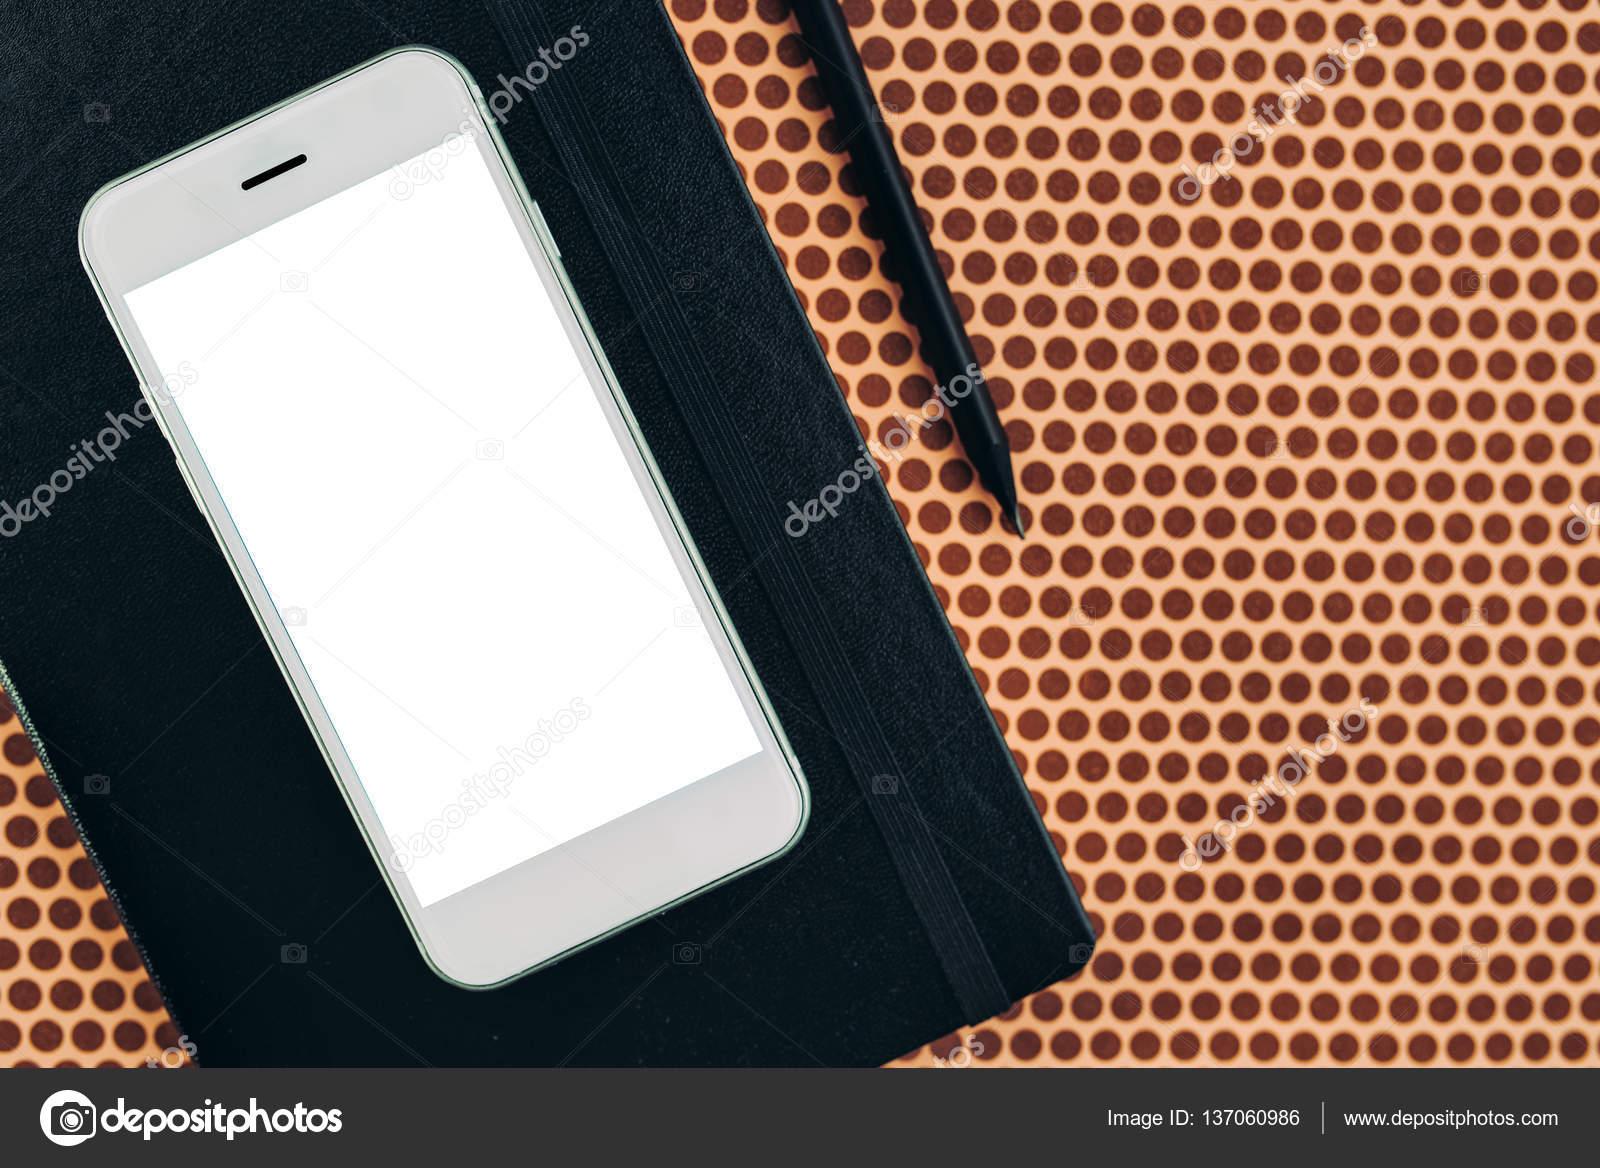 Фото умный вид. Умный телефон и ноутбук, офис стол топ вид макет.